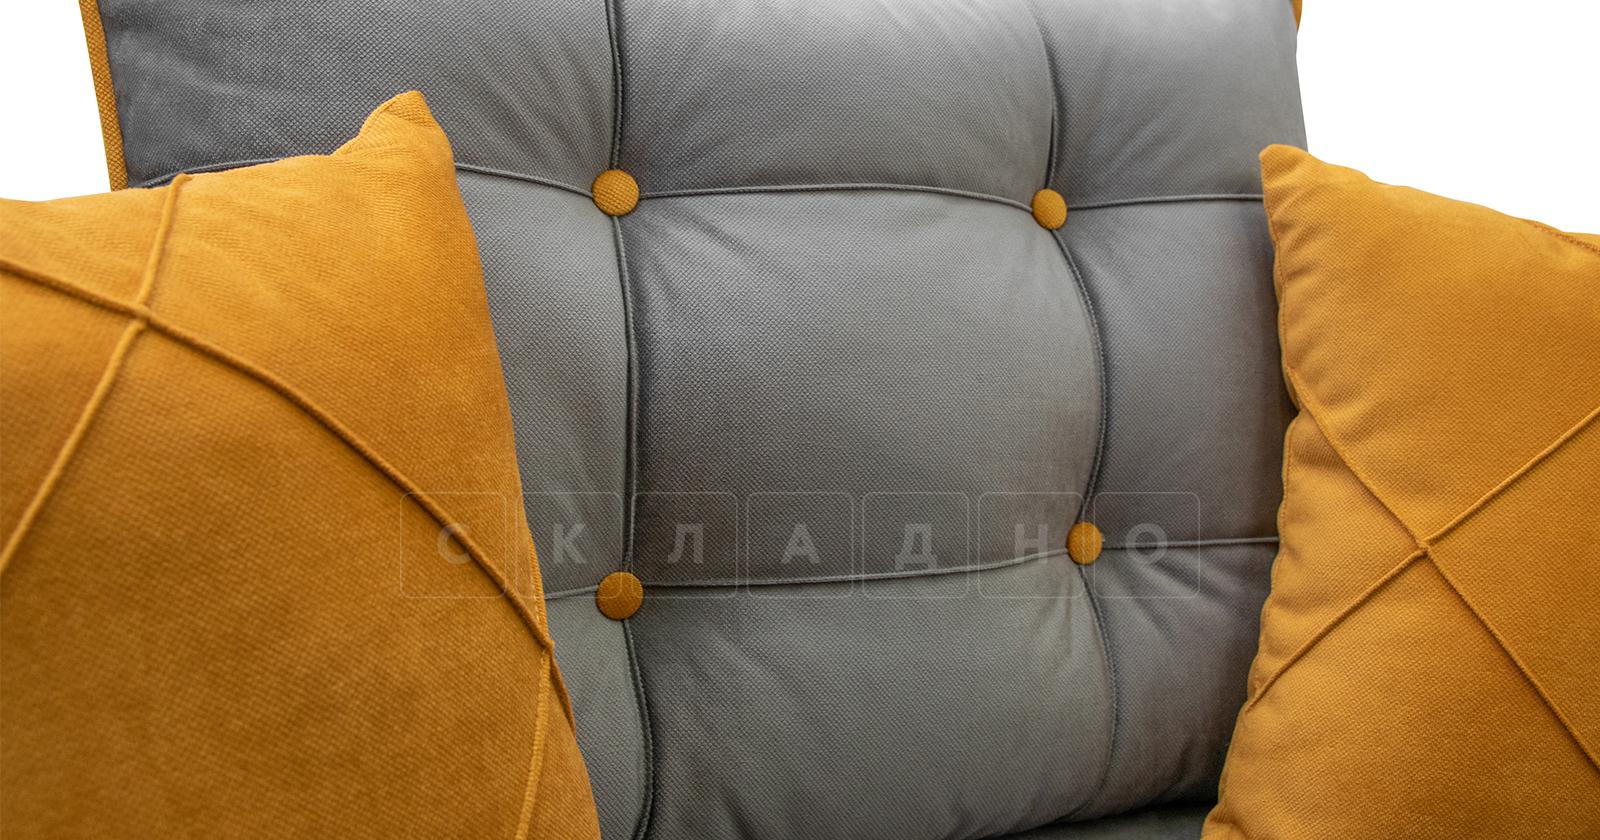 Диван-кровать угловой Флэтфорд кварцевый серый фото 11   интернет-магазин Складно